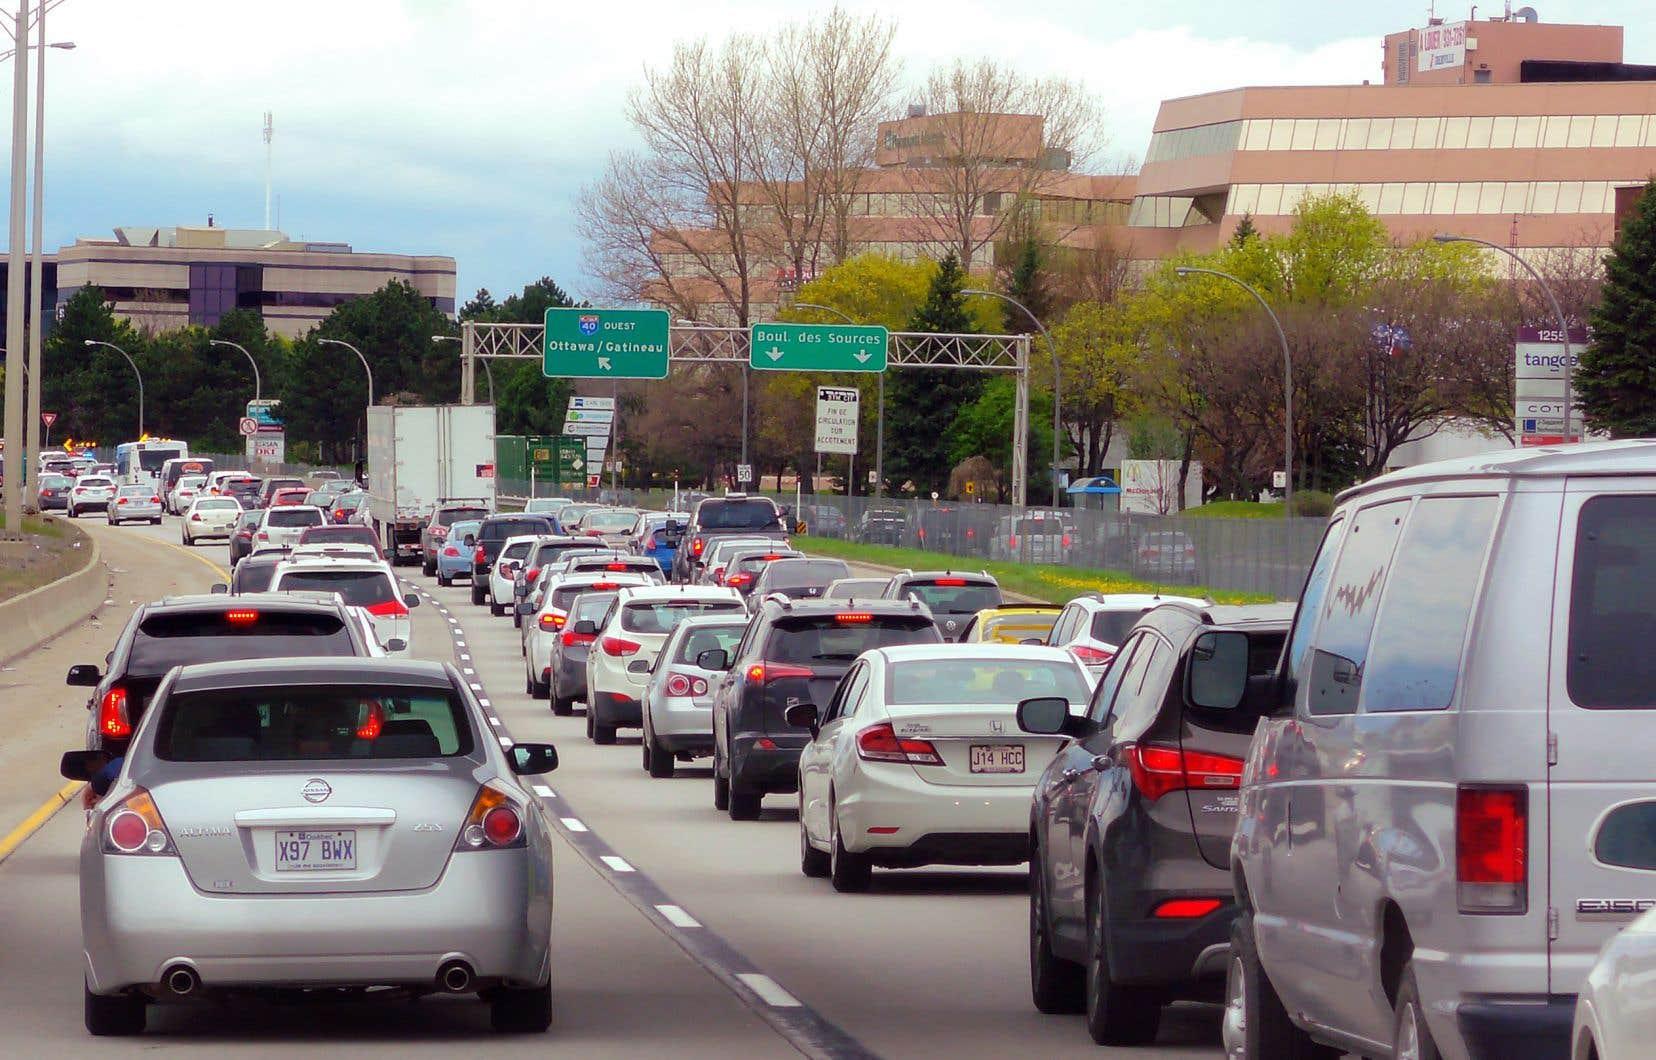 Les maires de Laval et des Basses-Laurentides souhaitent voir implanter dans un avenir rapproché un vaste réseau de voies réservées aux autobus le long des principaux axes autoroutiers qui relient les villes de la Rive-Nord.